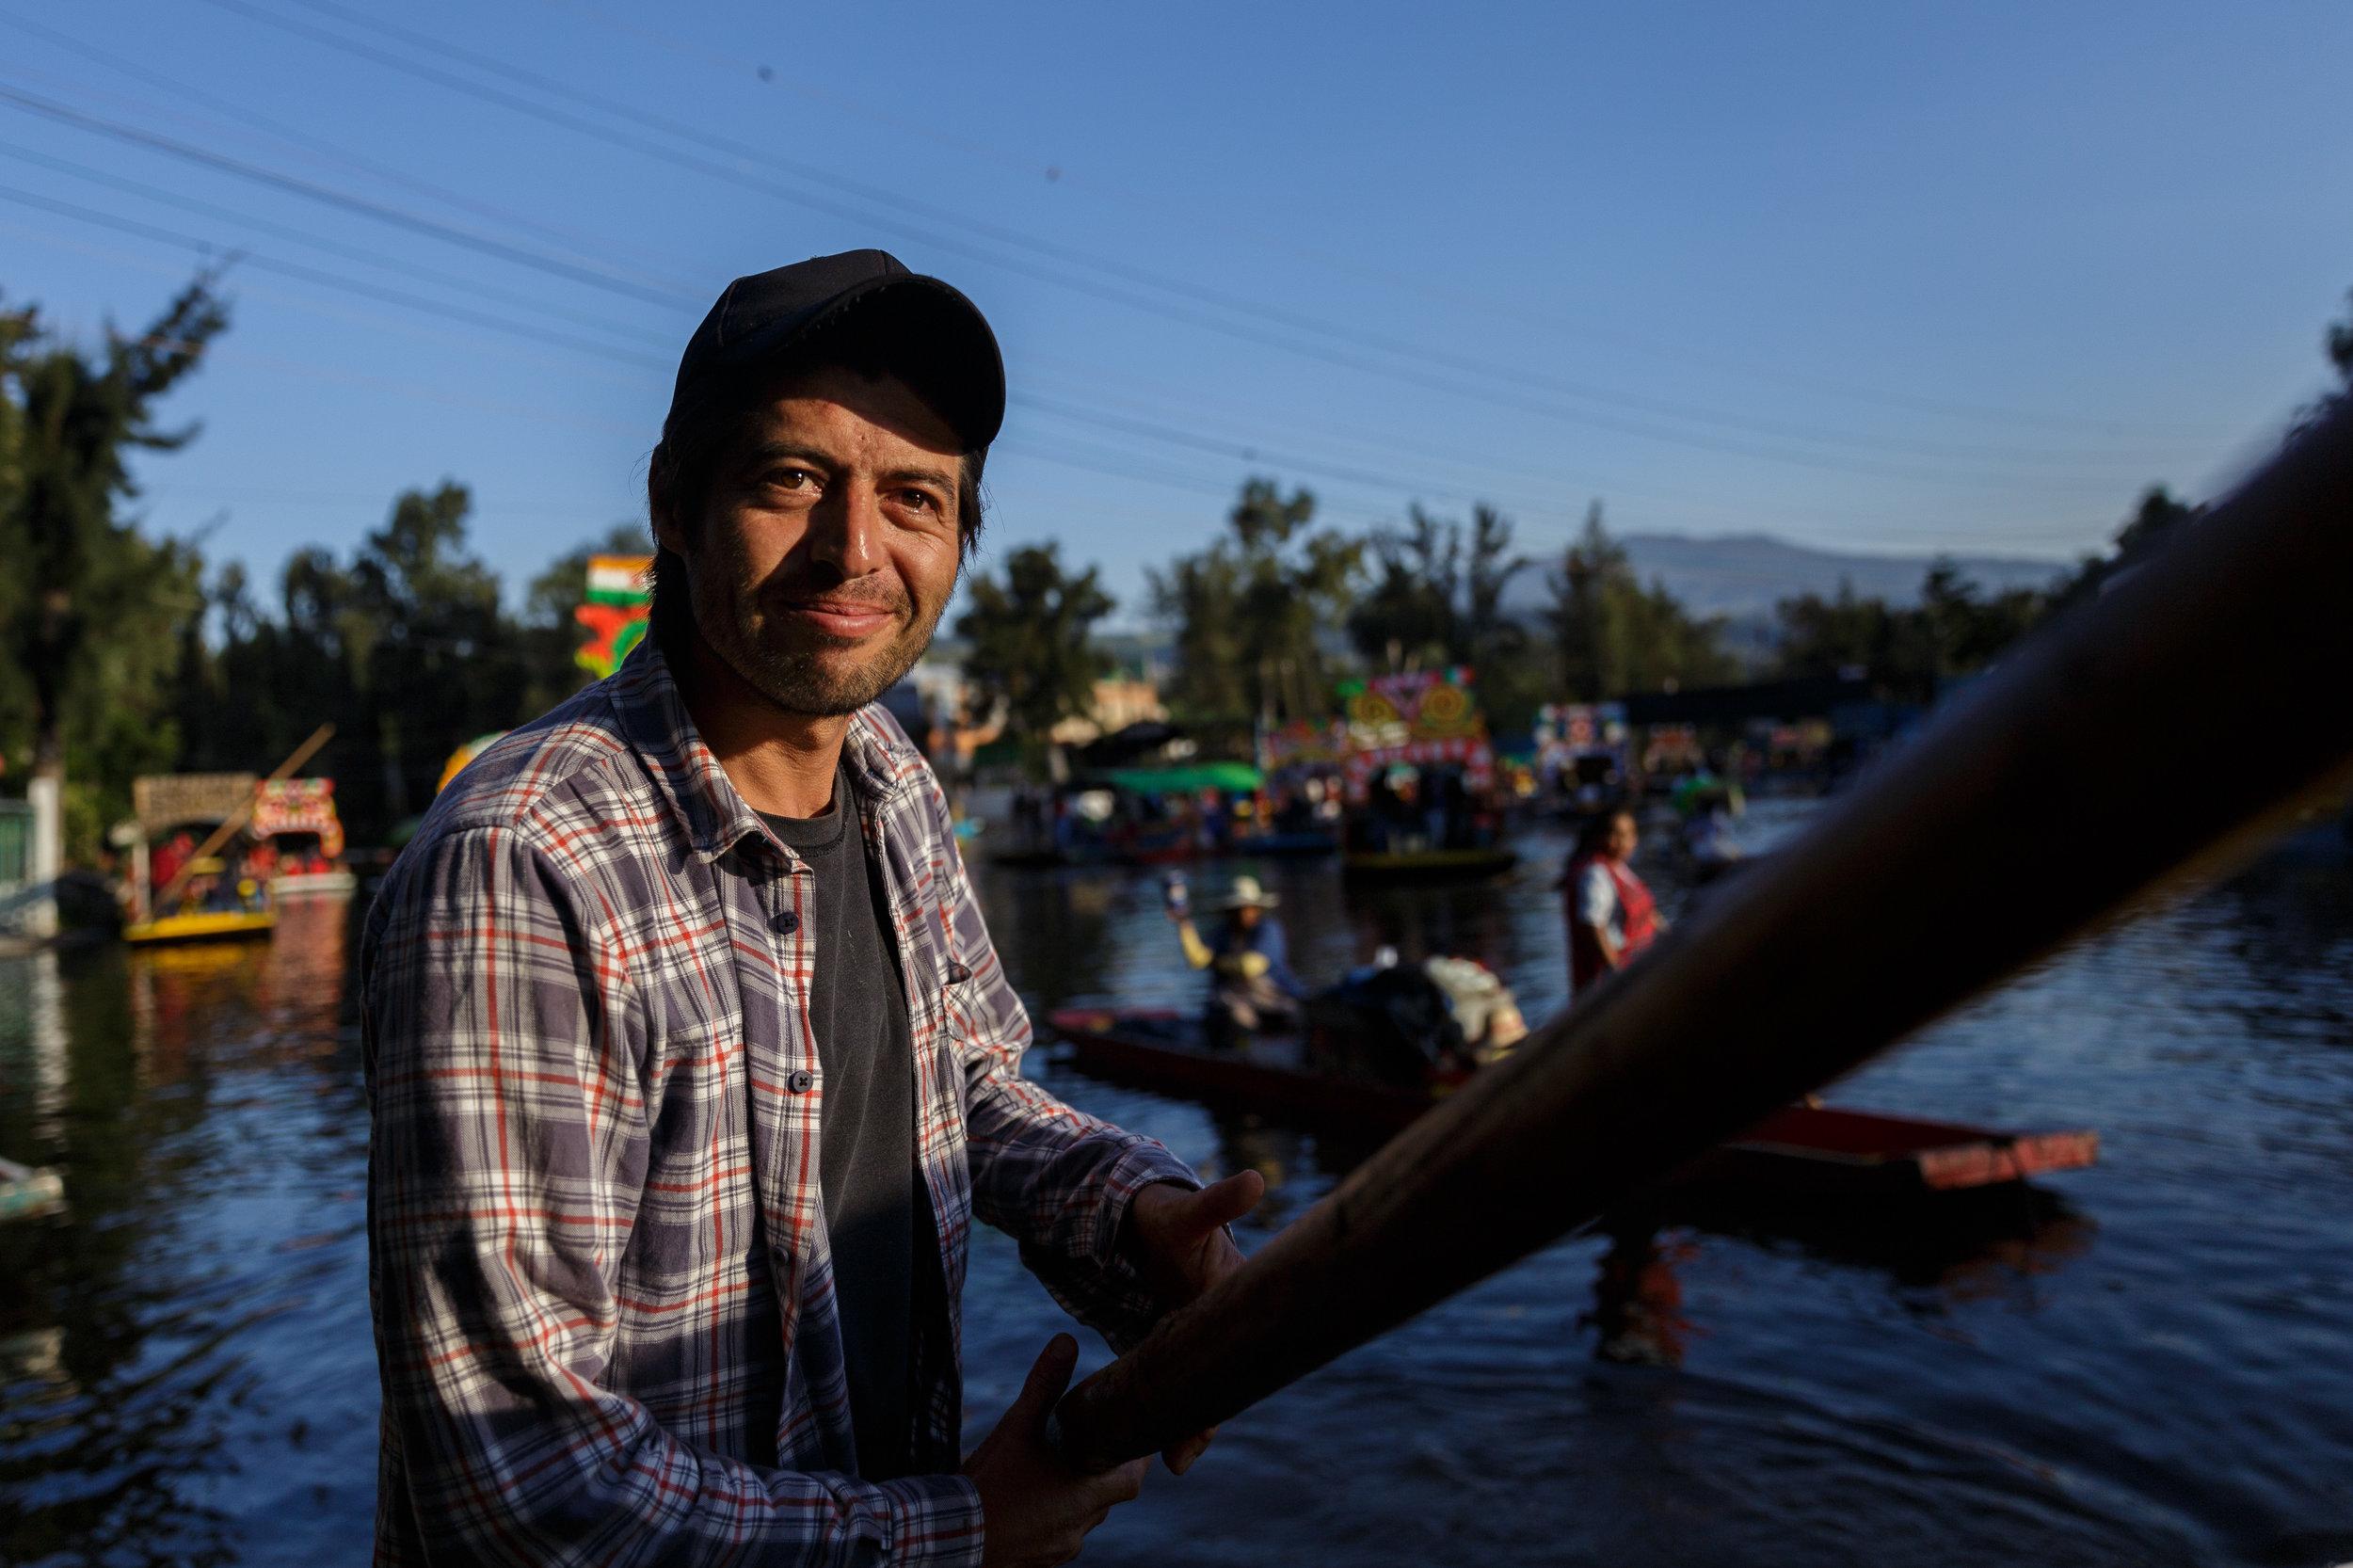 """Chava, el chofer de trajineras.  Colaboración para The Culture Trip en el articulo """"A View of Mexico City Through the Xochimilco Canals"""""""